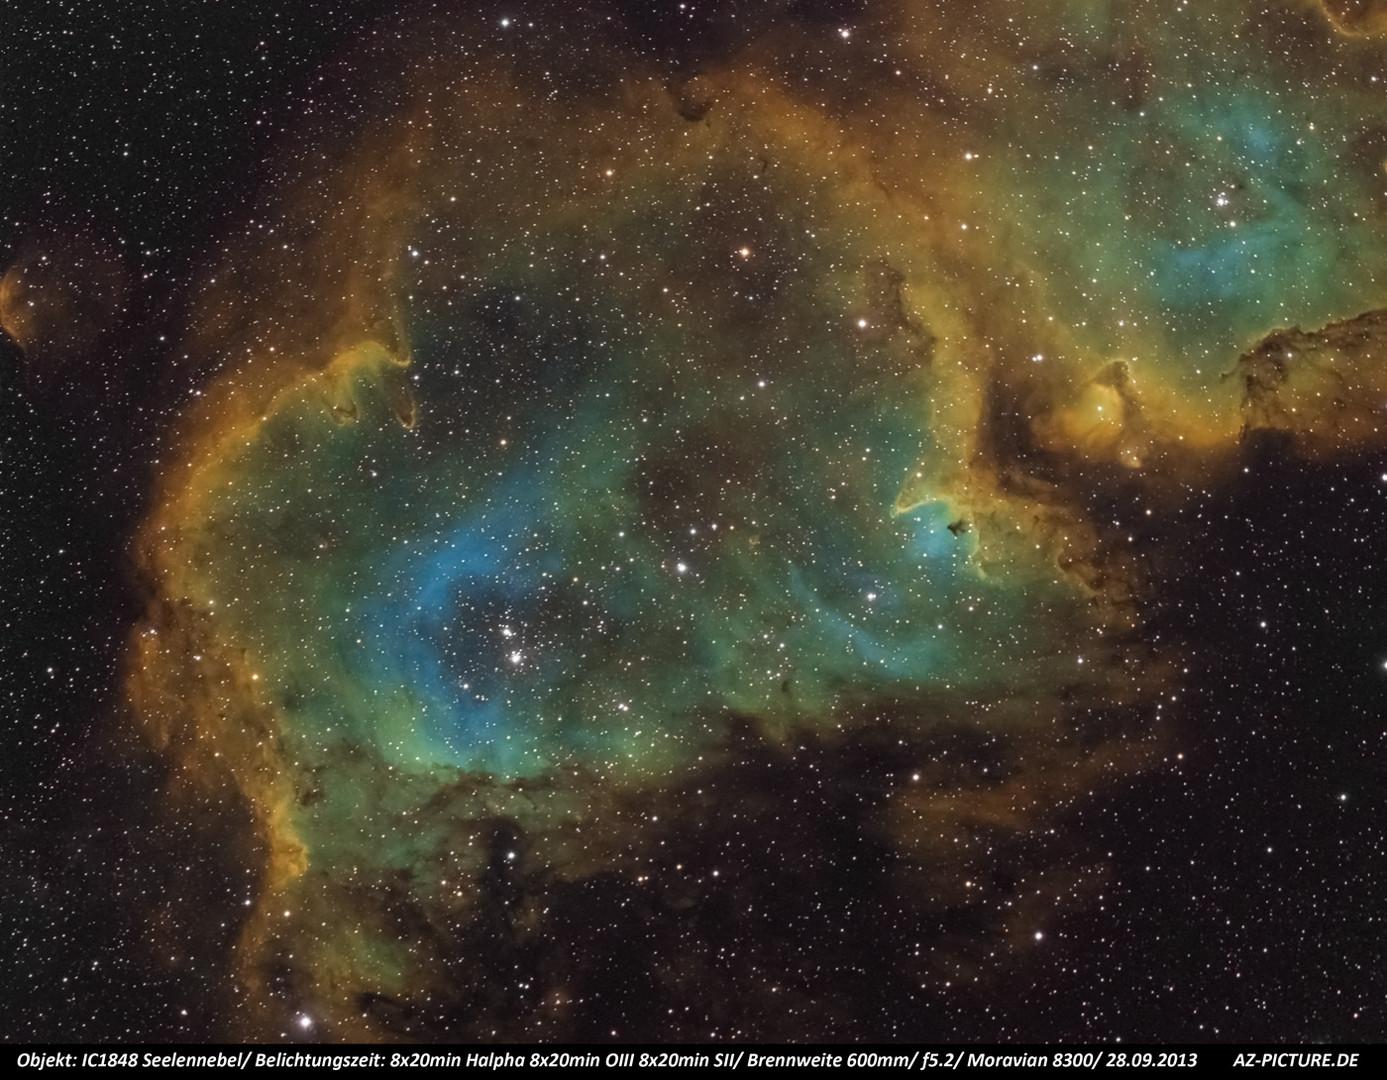 IC1848 Seelennebel